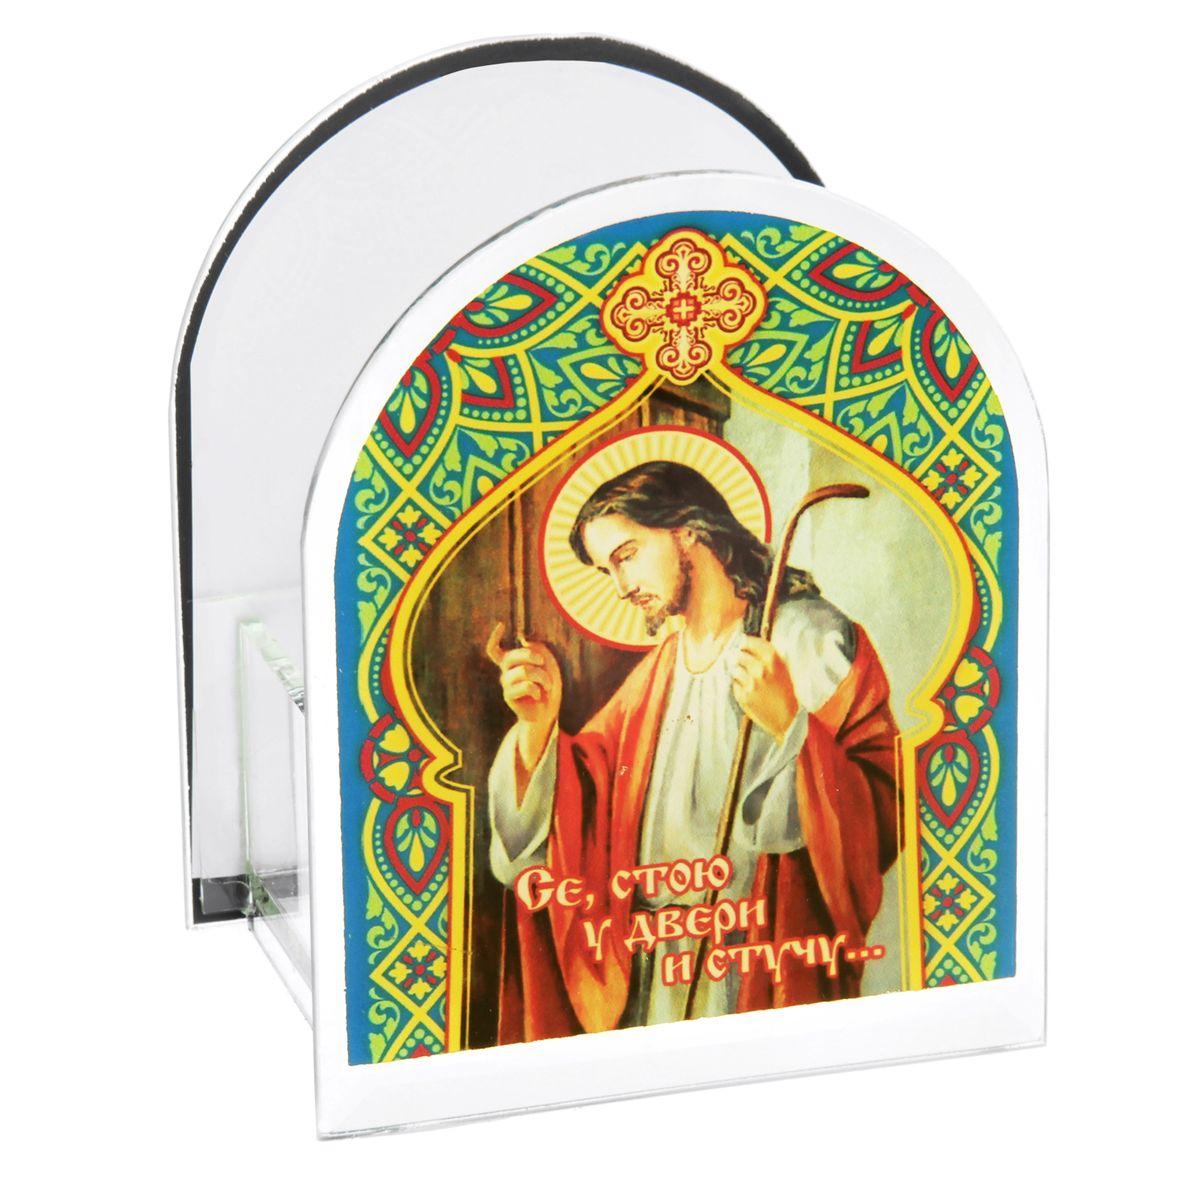 Подсвечник Sima-land Се, стою у двери и стучу...842470Подсвечник Sima-land Се, стою у двери и стучу... изготовлен из качественного стекла, предназначен для свечи в гильзе. С одной стороны подсвечника изображен лик святого, с другой стороны нанесен текст. Зажгите свечку поставьте ее в подсвечник и наслаждайтесь теплом, которое наполнит ваше сердце. Такой подсвечник привнесет в ваш дом согласие и мир и будет прекрасным подарком, оберегающим близких вам людей. Размер подсвечника (ДхШхВ): 9 см х 7 см х 11 см. Диаметр отверстия для свечи: 4,5 см.